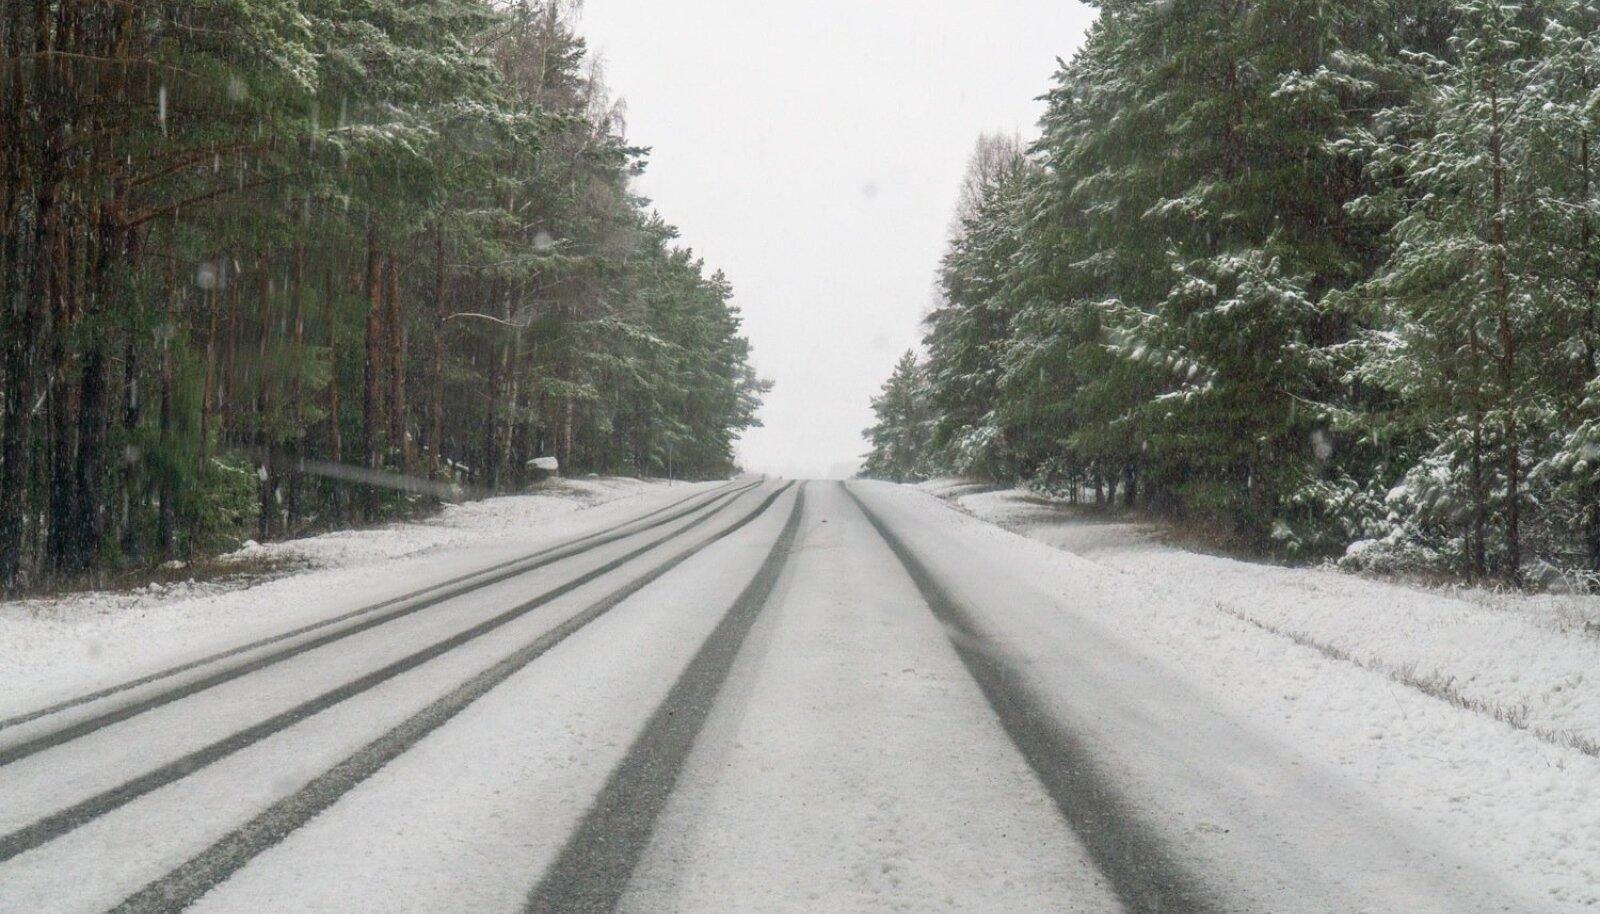 Saaremaal sadas päeva eest lobjakat, sõiduteed põhja Saaremaal, lääne saaremaal olid kaetud paksu lumesodiga. Kuressaares sadas vihma, maapiirkonnad said paksu lörtisaju osaliseks. Puud murdusid märja lumekoorma all